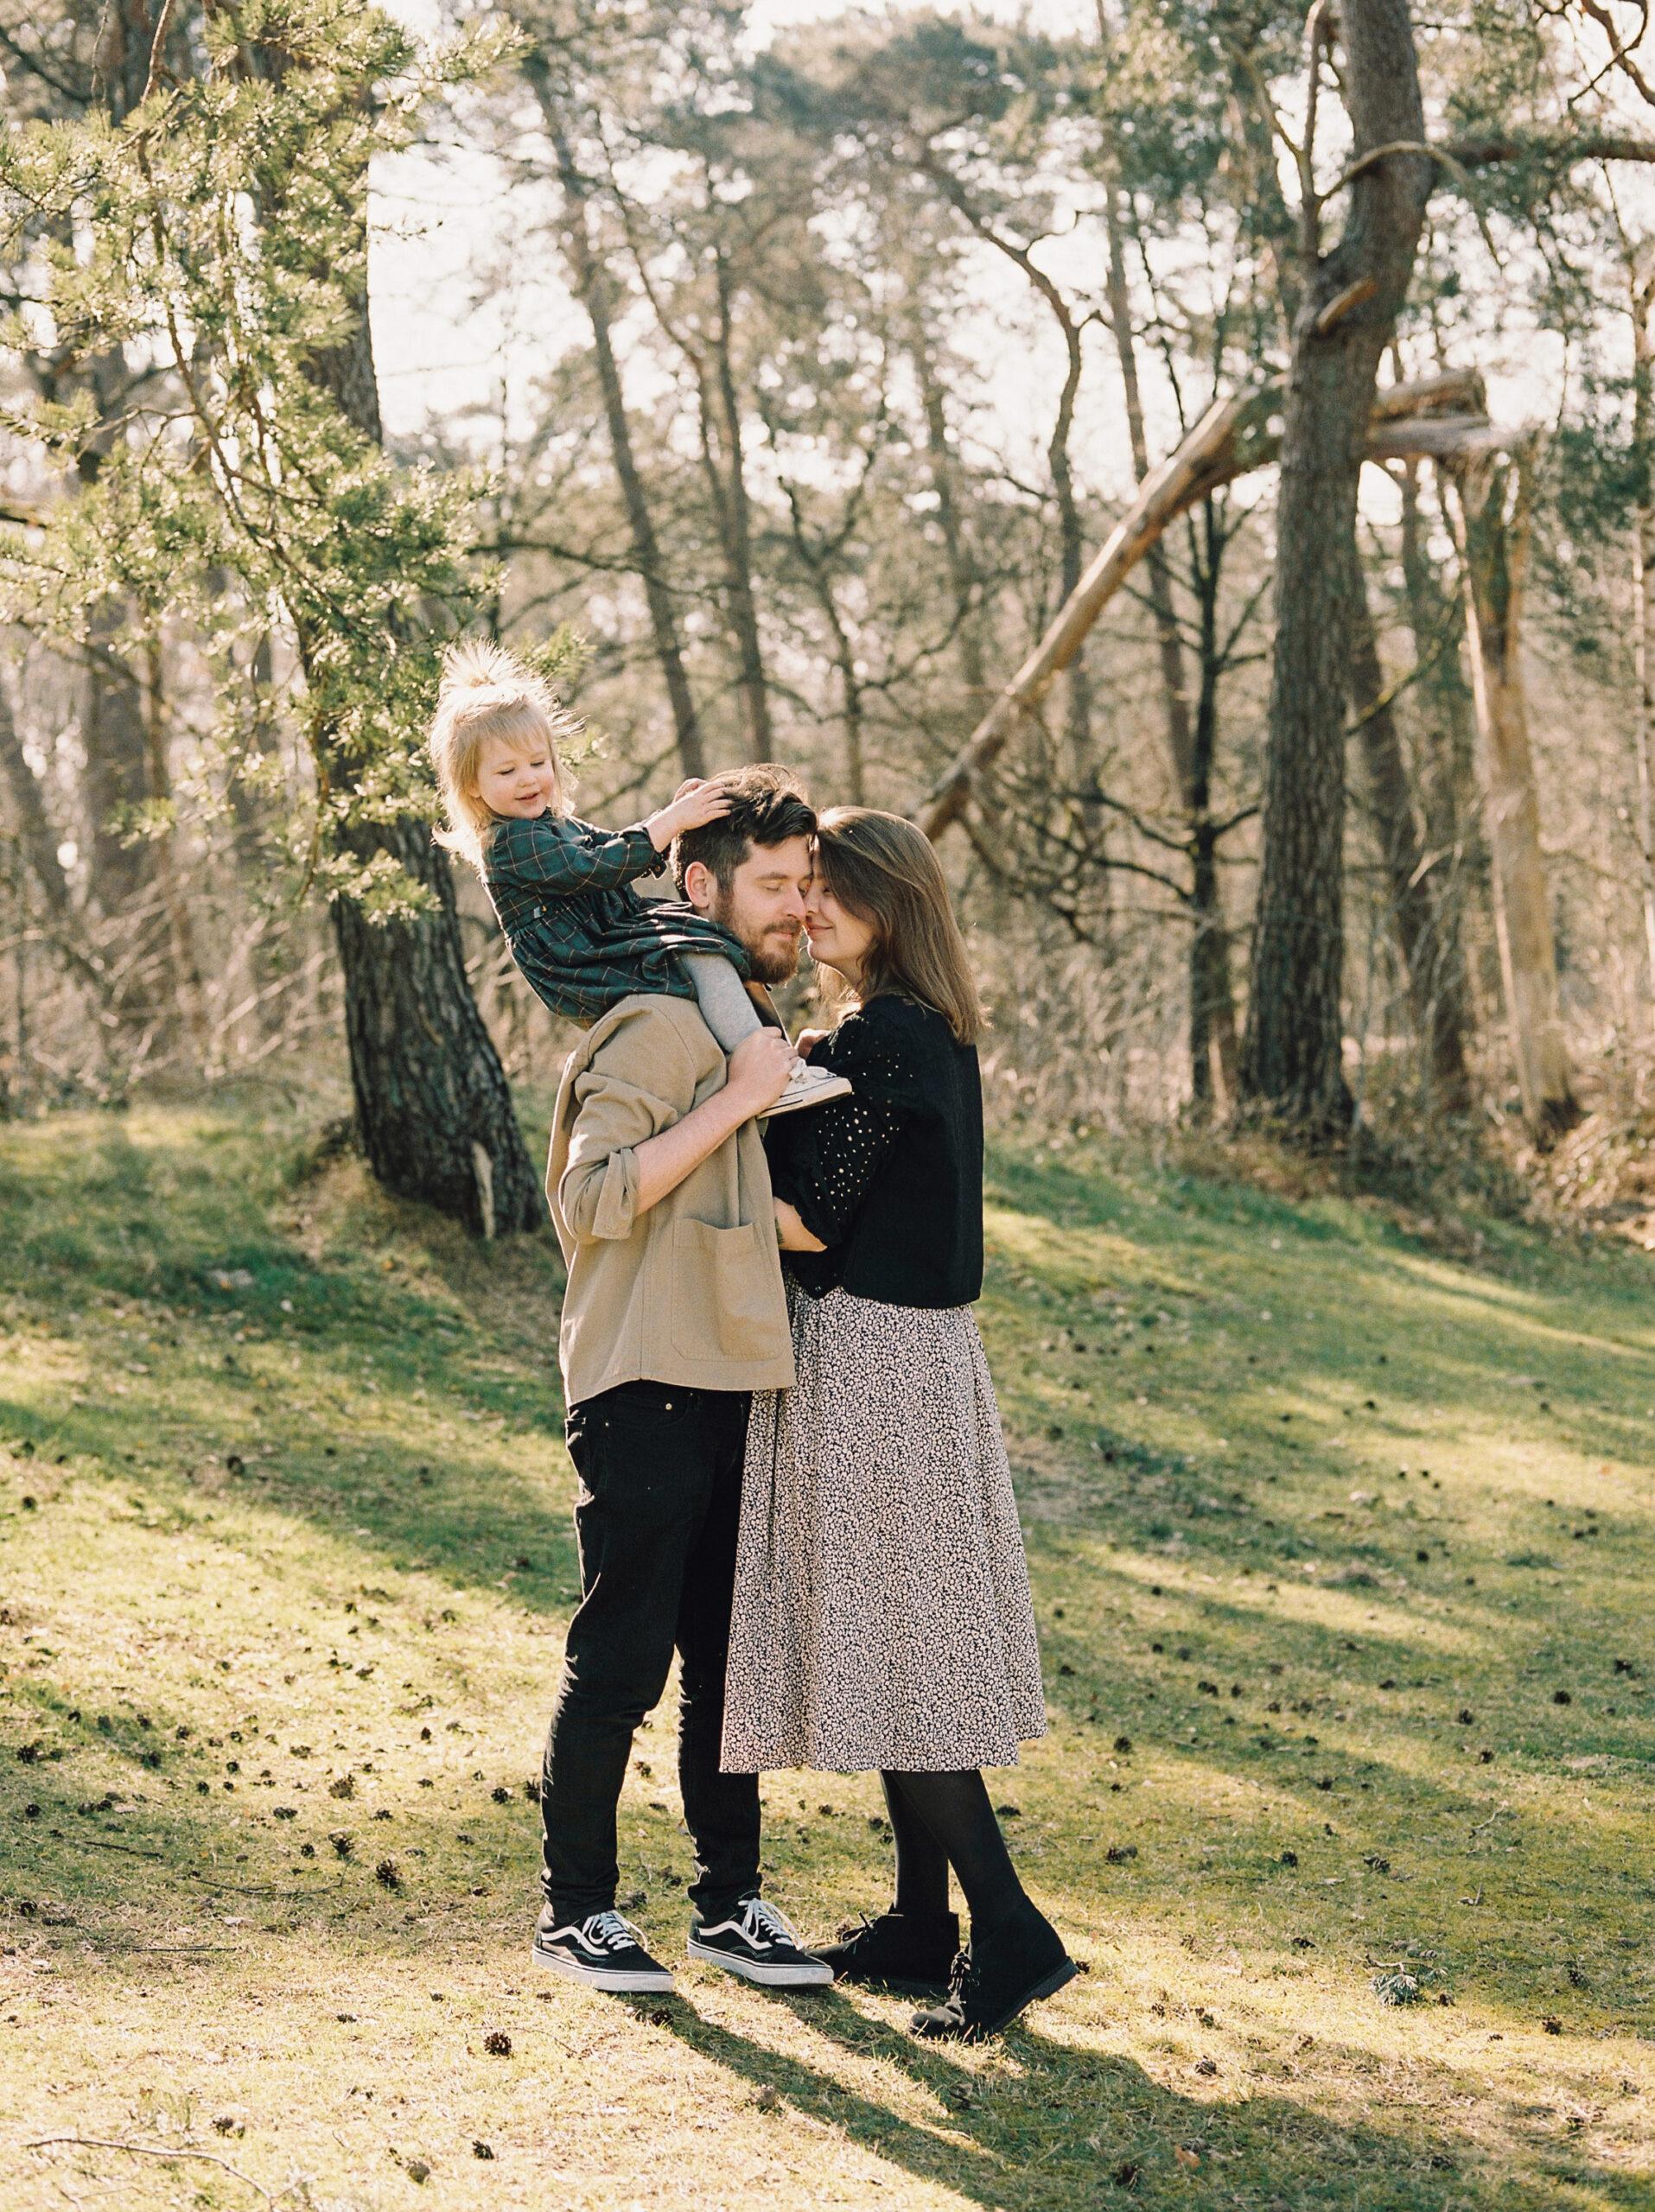 ontspannen familiefotografie gezinsfotografie buiten analoog hanke arkenbout